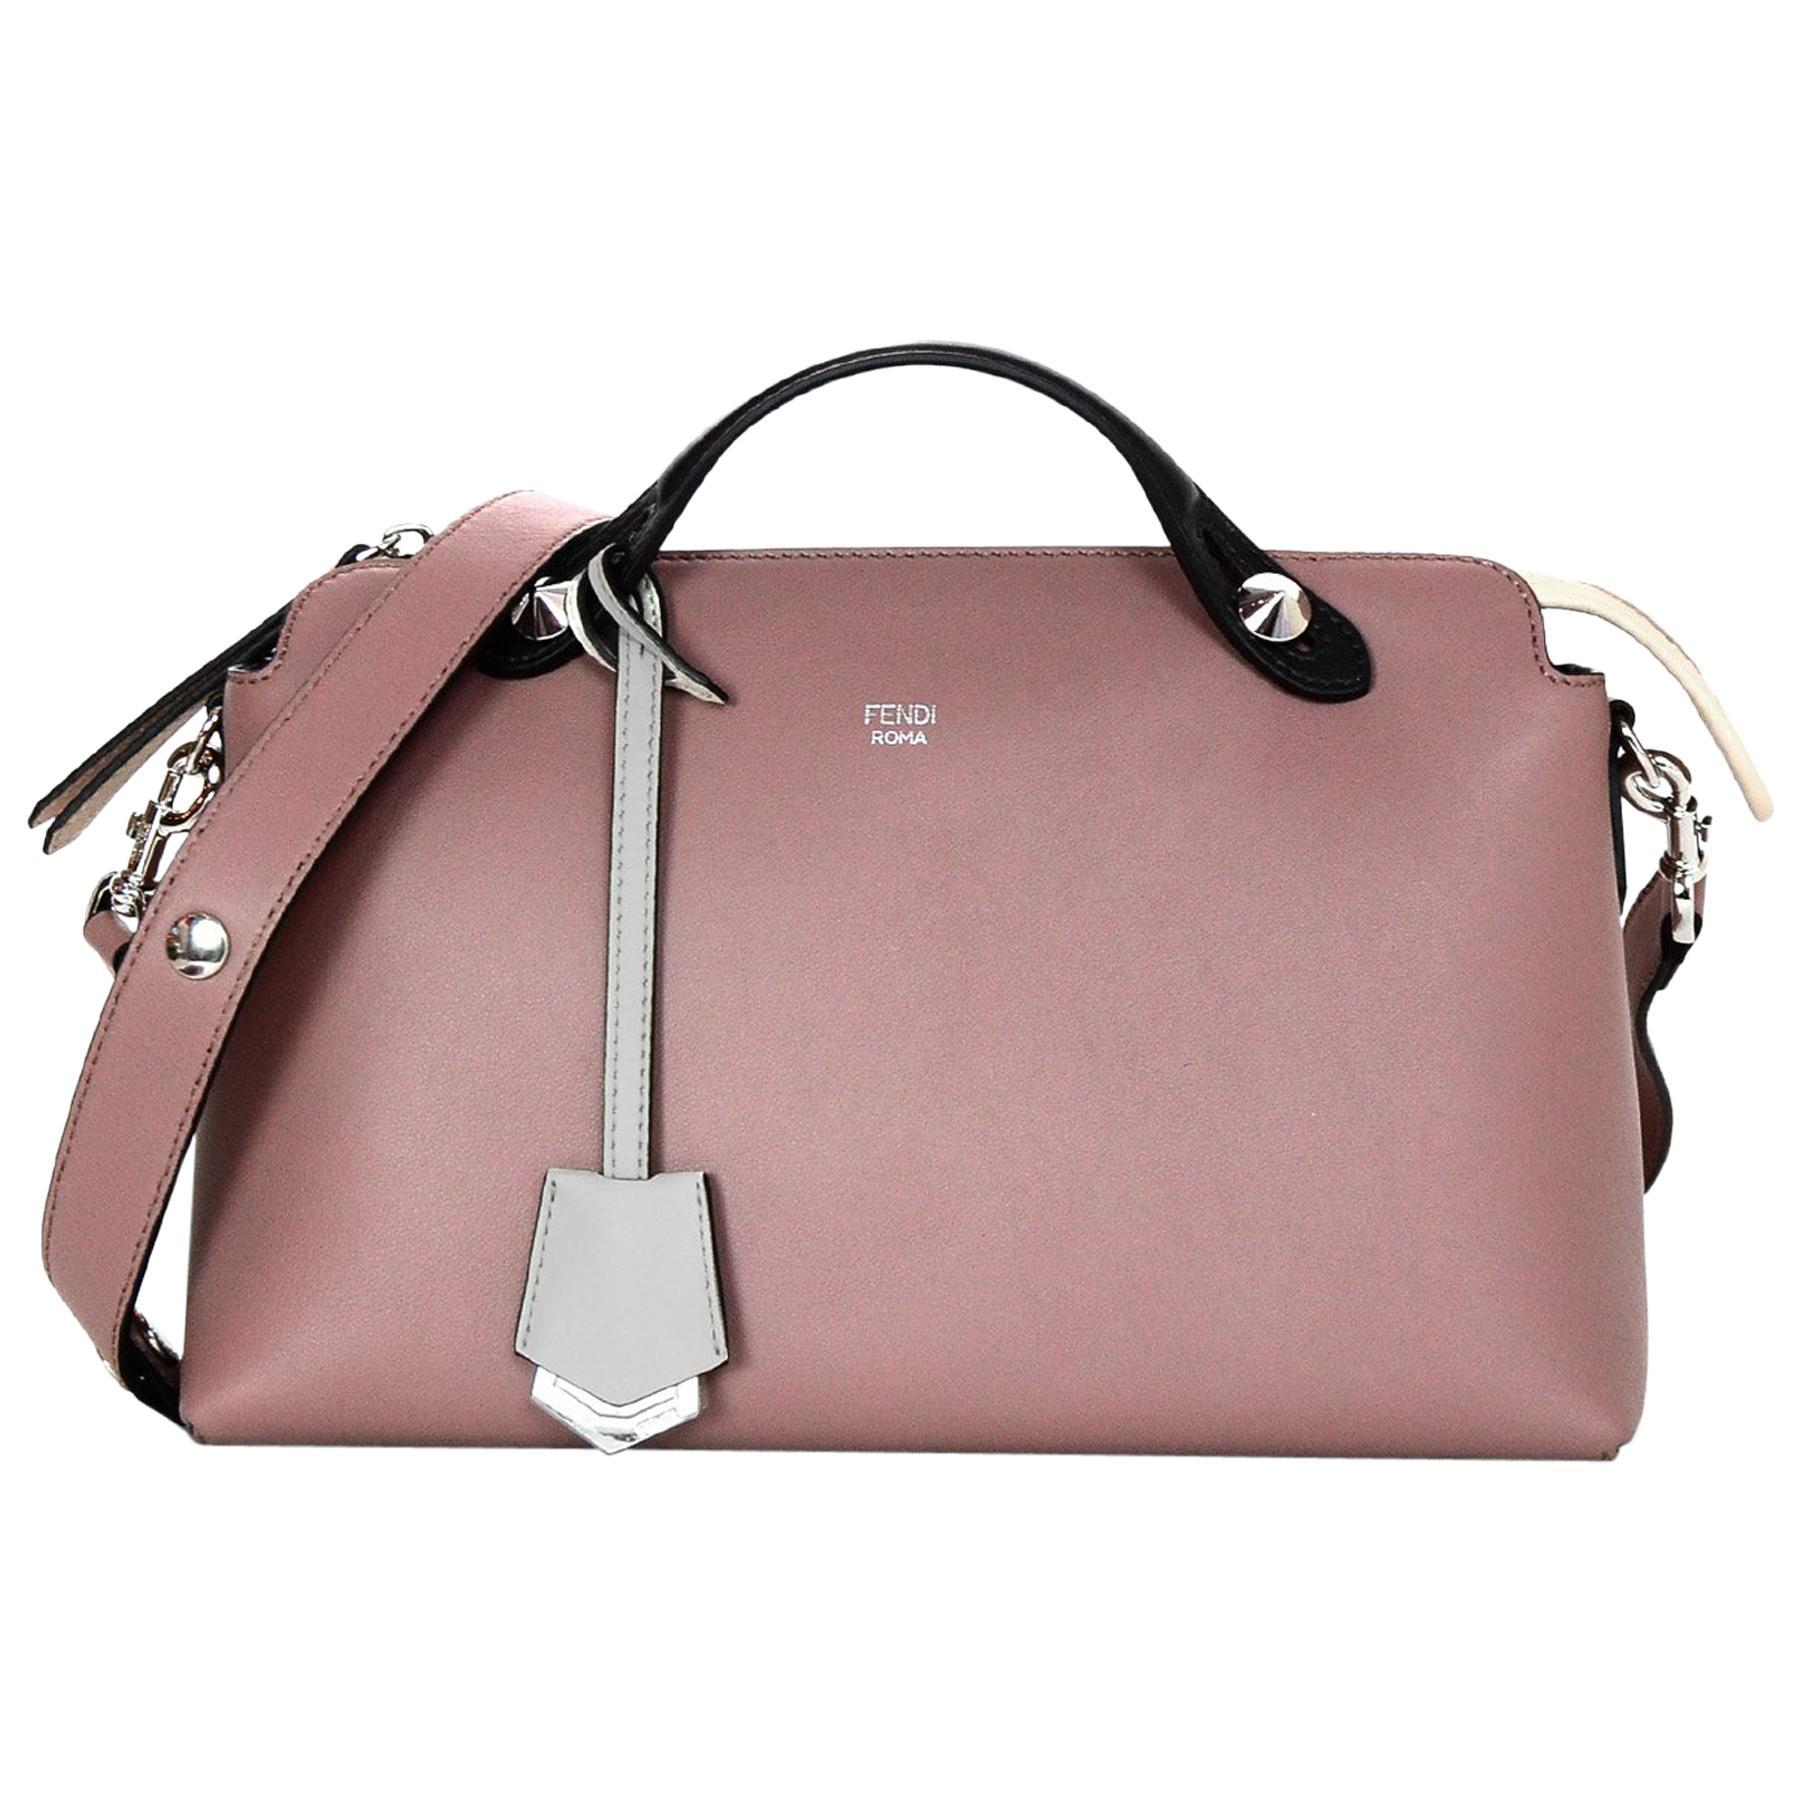 0f0a64cf9145 Vintage Fendi Shoulder Bags - 410 For Sale at 1stdibs